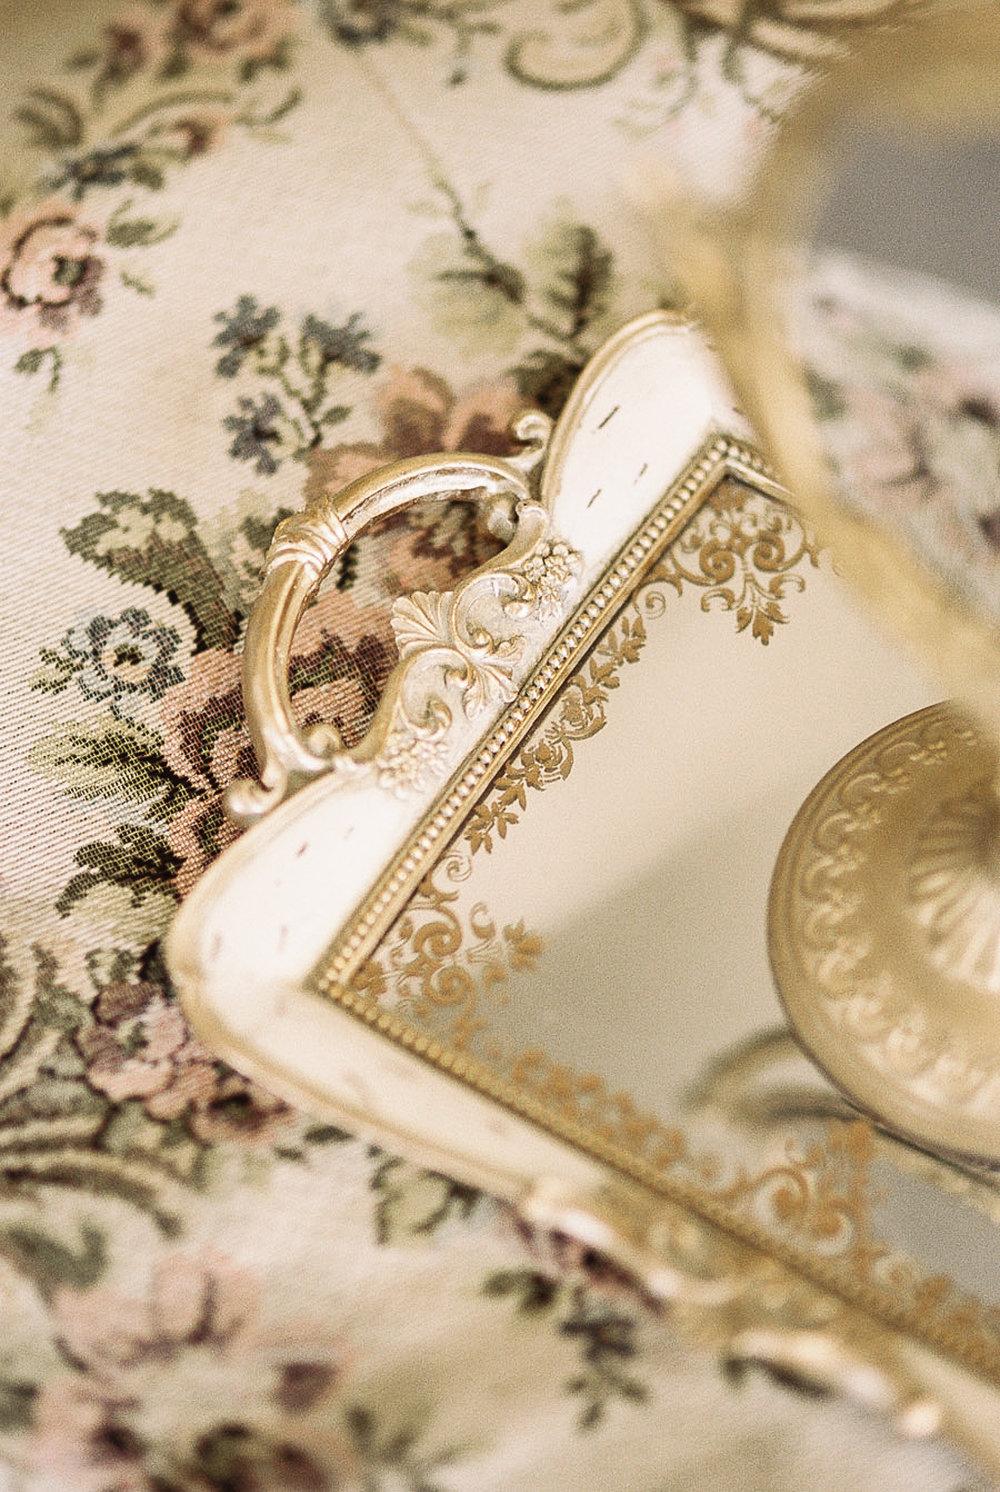 Lara_Lam_Vintage_Heirloom_wedding_photographer_Etablir_shop_vintage_rental105.jpg